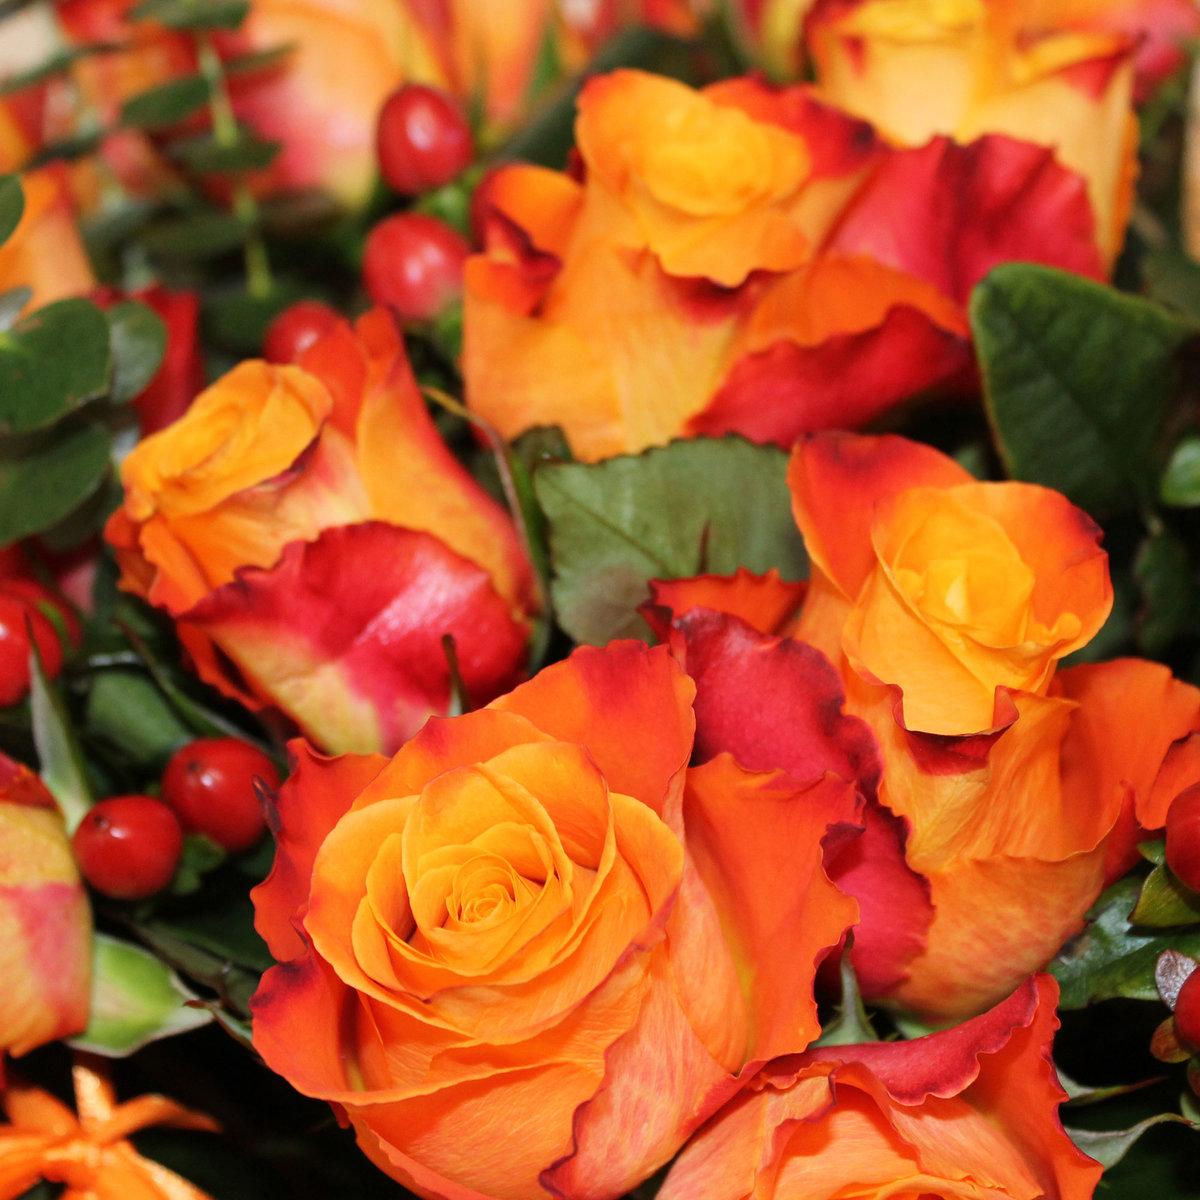 улыбка красивые картинки желто-красных роз говорить если они